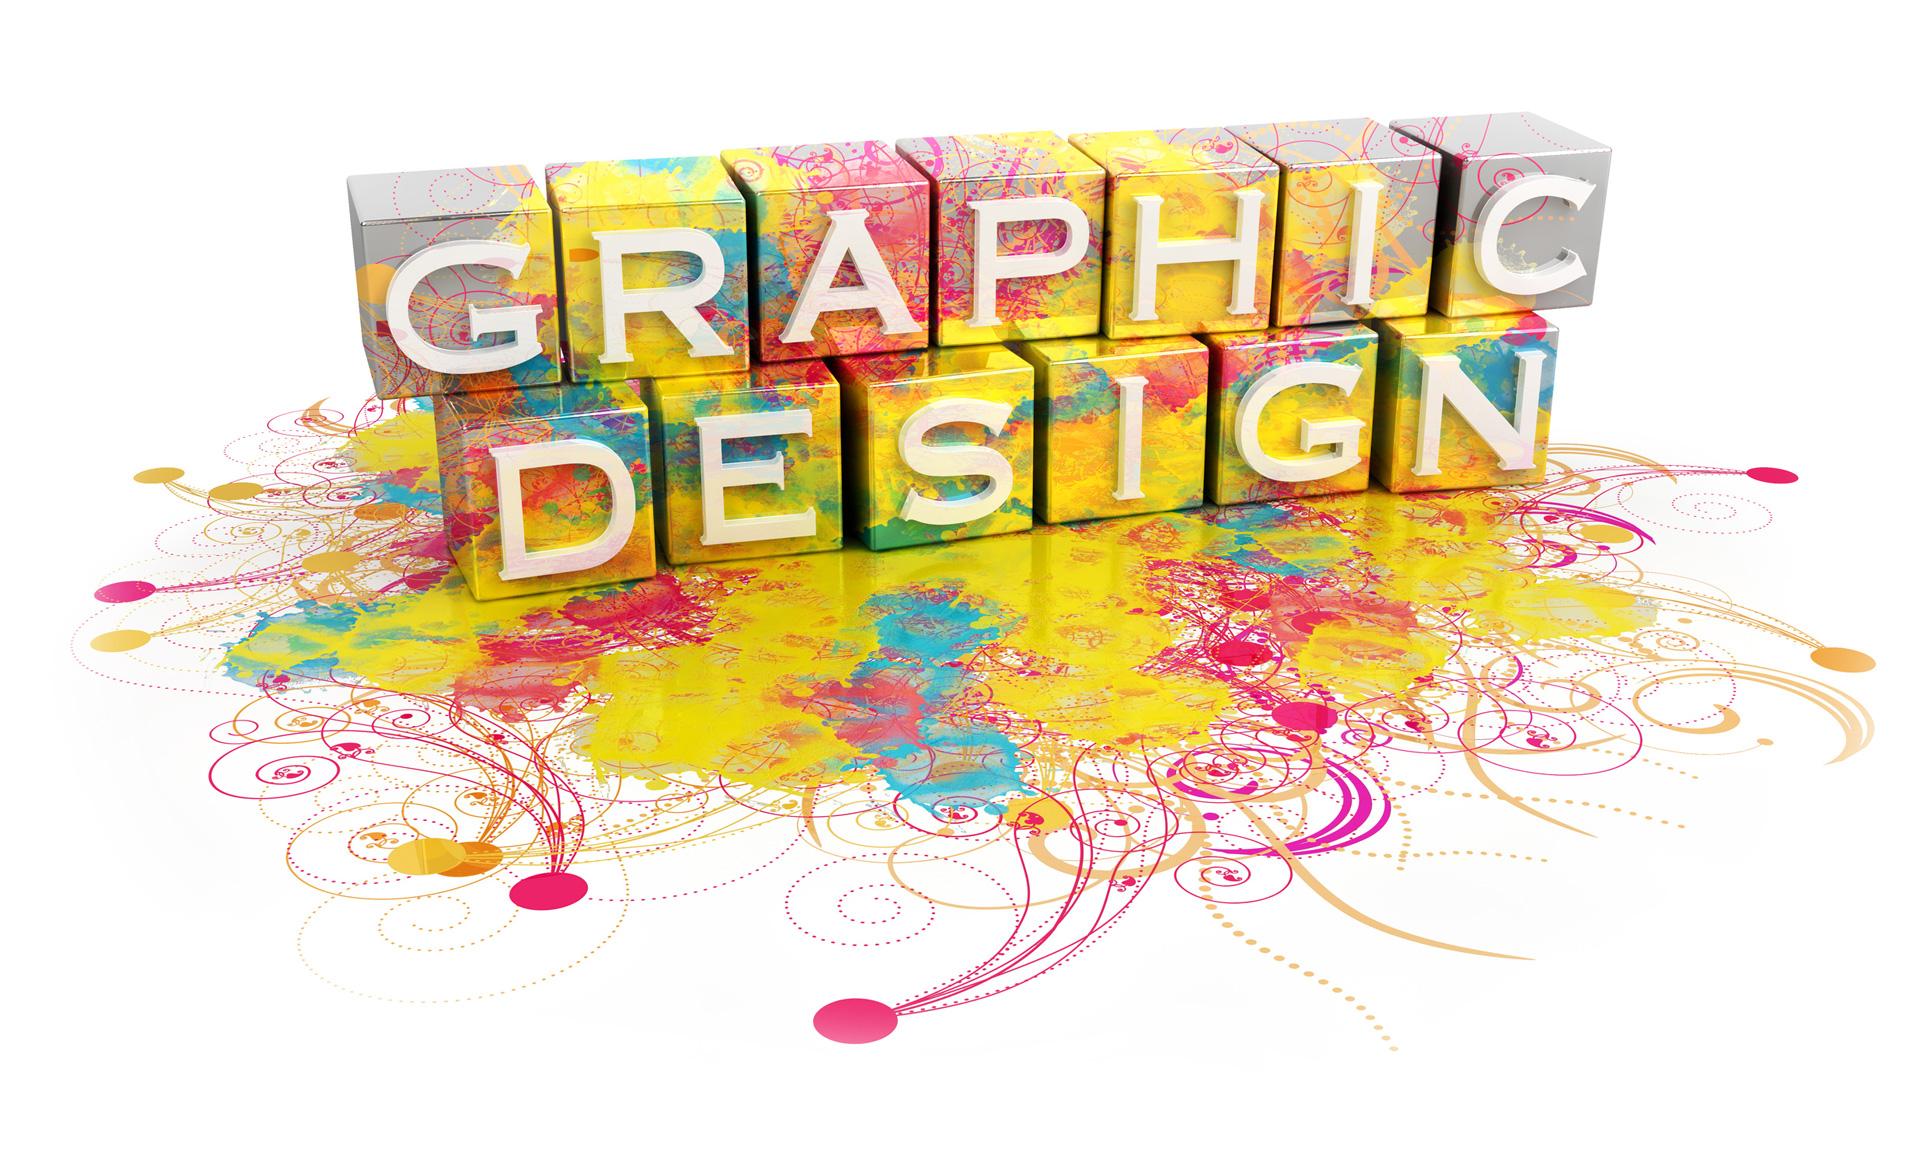 Thiết kế đồ họa chuyên nghiệp